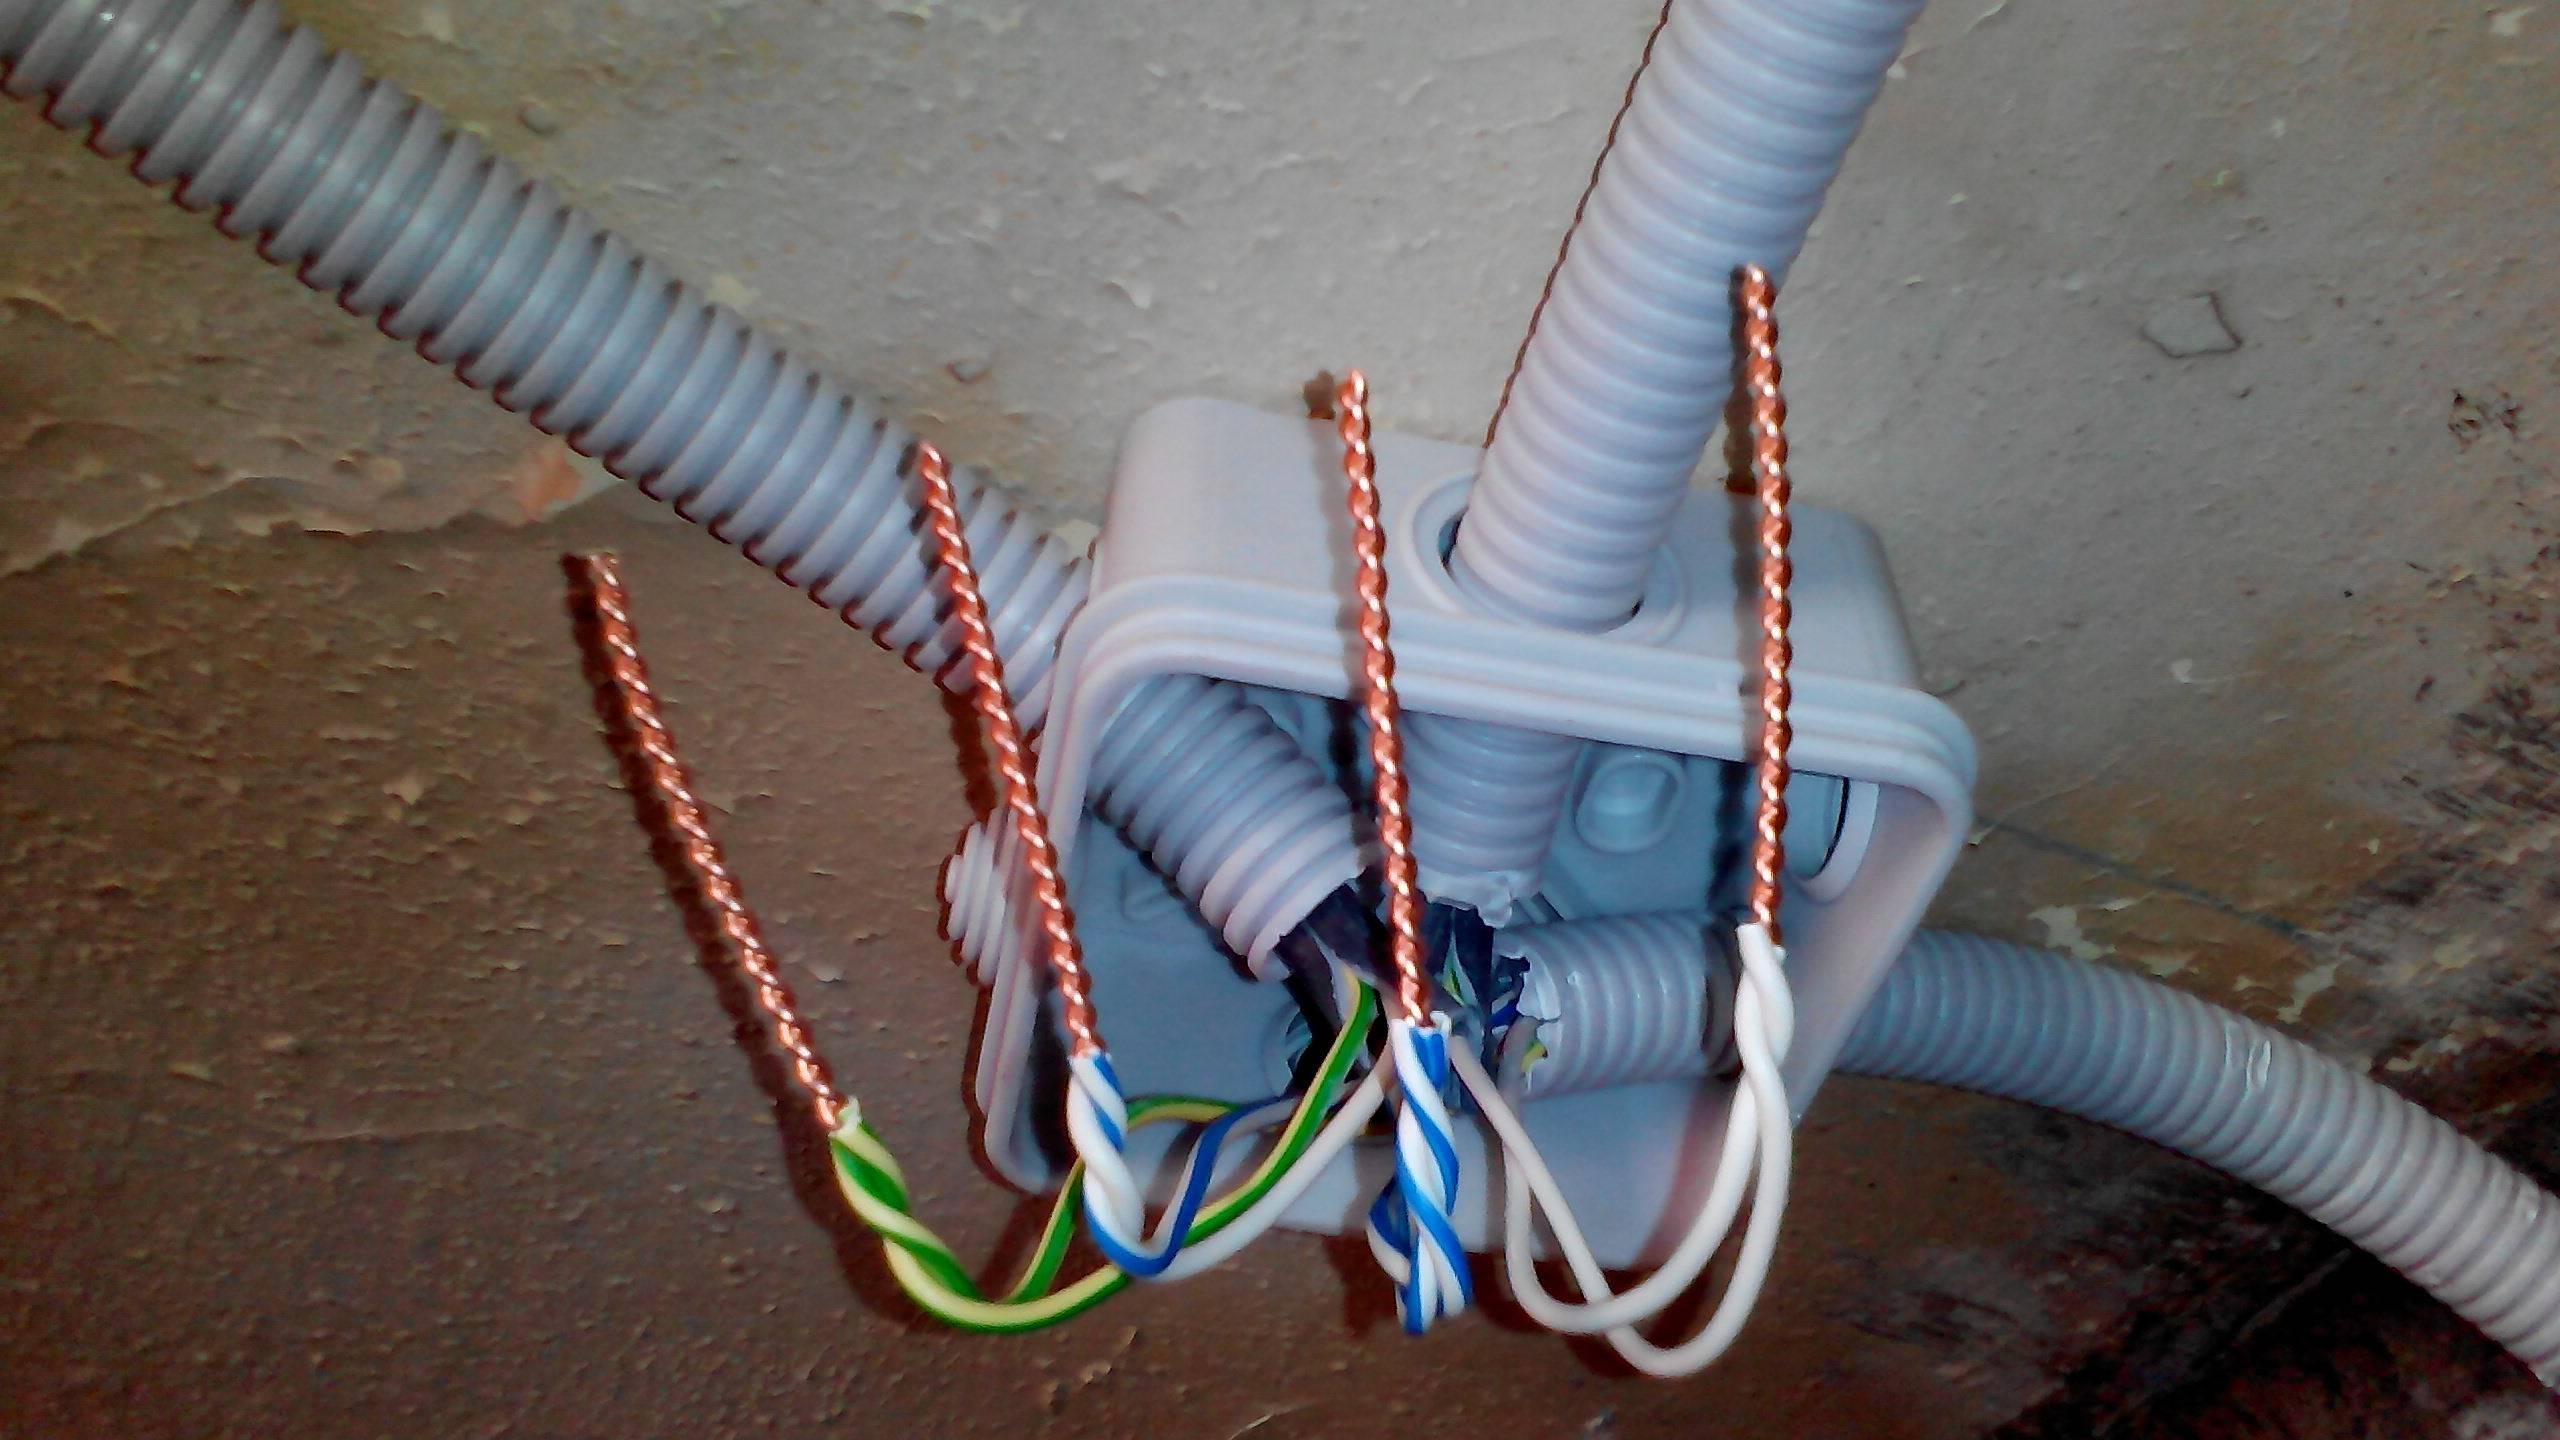 Соединение проводов в распределительной коробке своими руками